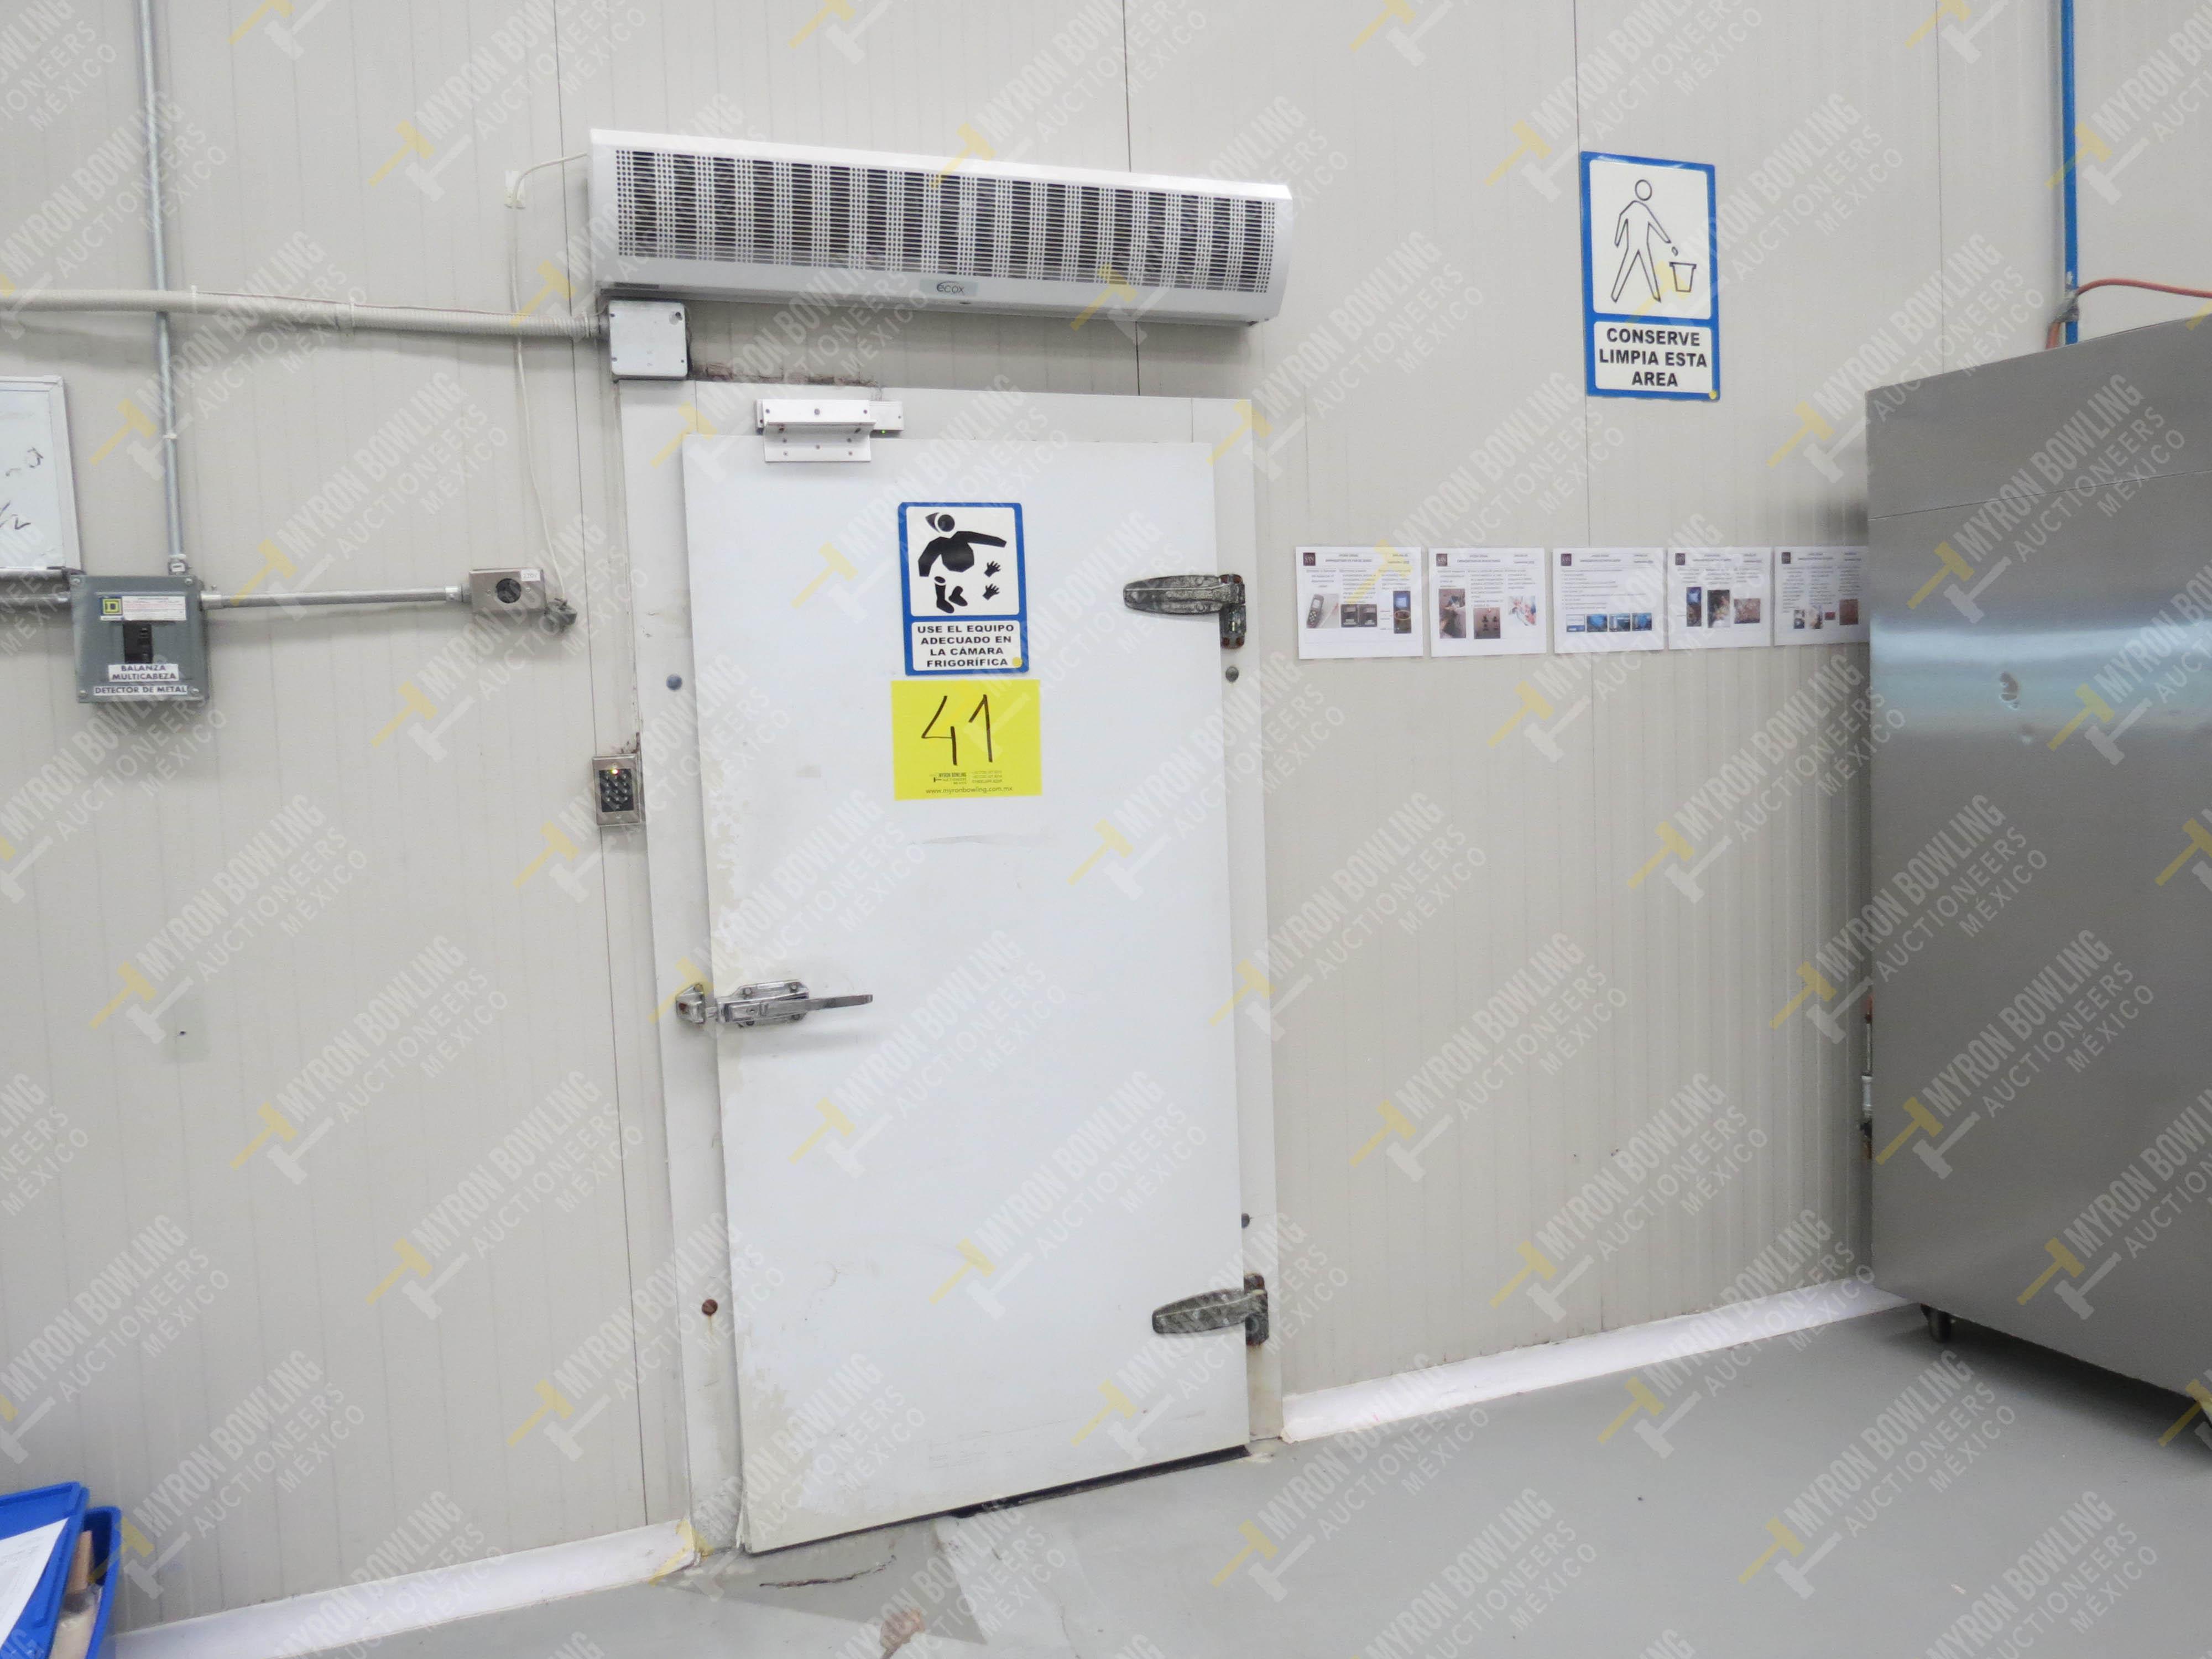 Cámara de refrigeración marca Krack, Modelo CSD-0301-L4K-133DD medidas 6.80 x 13.30 x 5.80 - Image 5 of 15